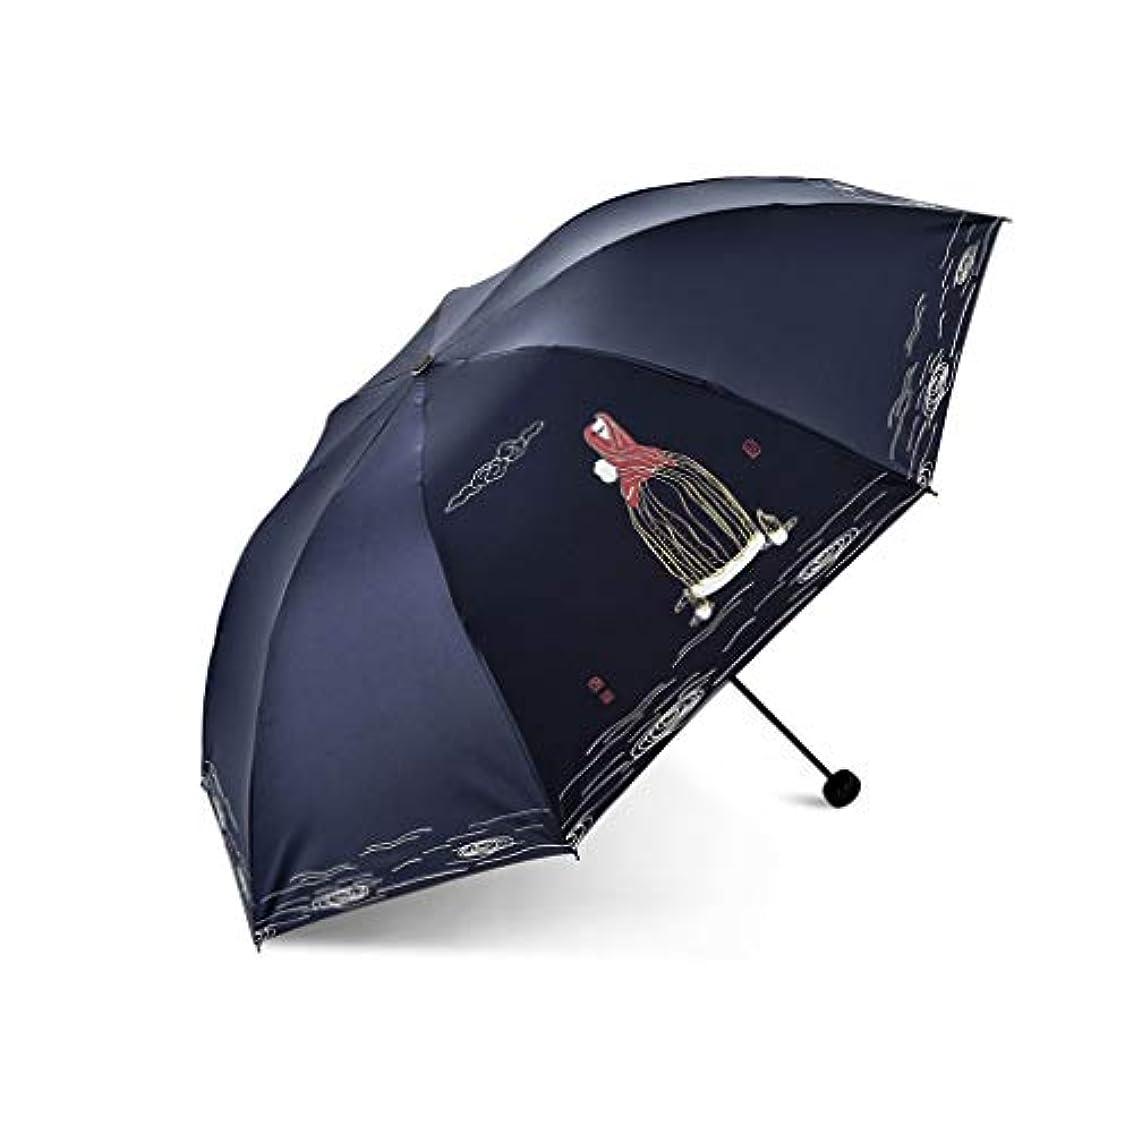 富時変わるPy 日傘日焼け止めUV折りたたみポータブル日焼け止め雨クリエイティブコミック傘